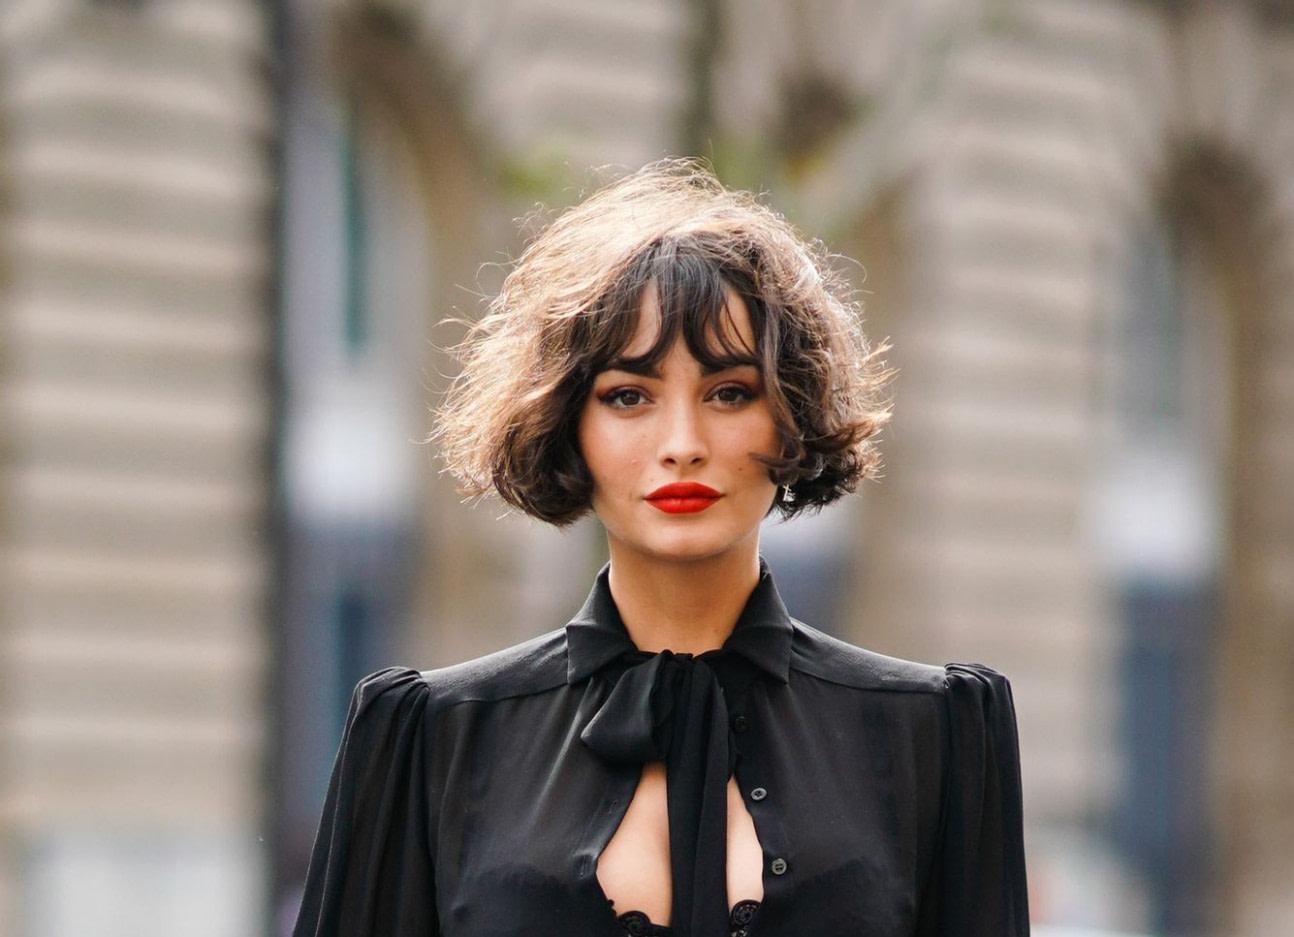 Bob-Frisuren 11: Die schönsten Varianten und Stylings  Madame